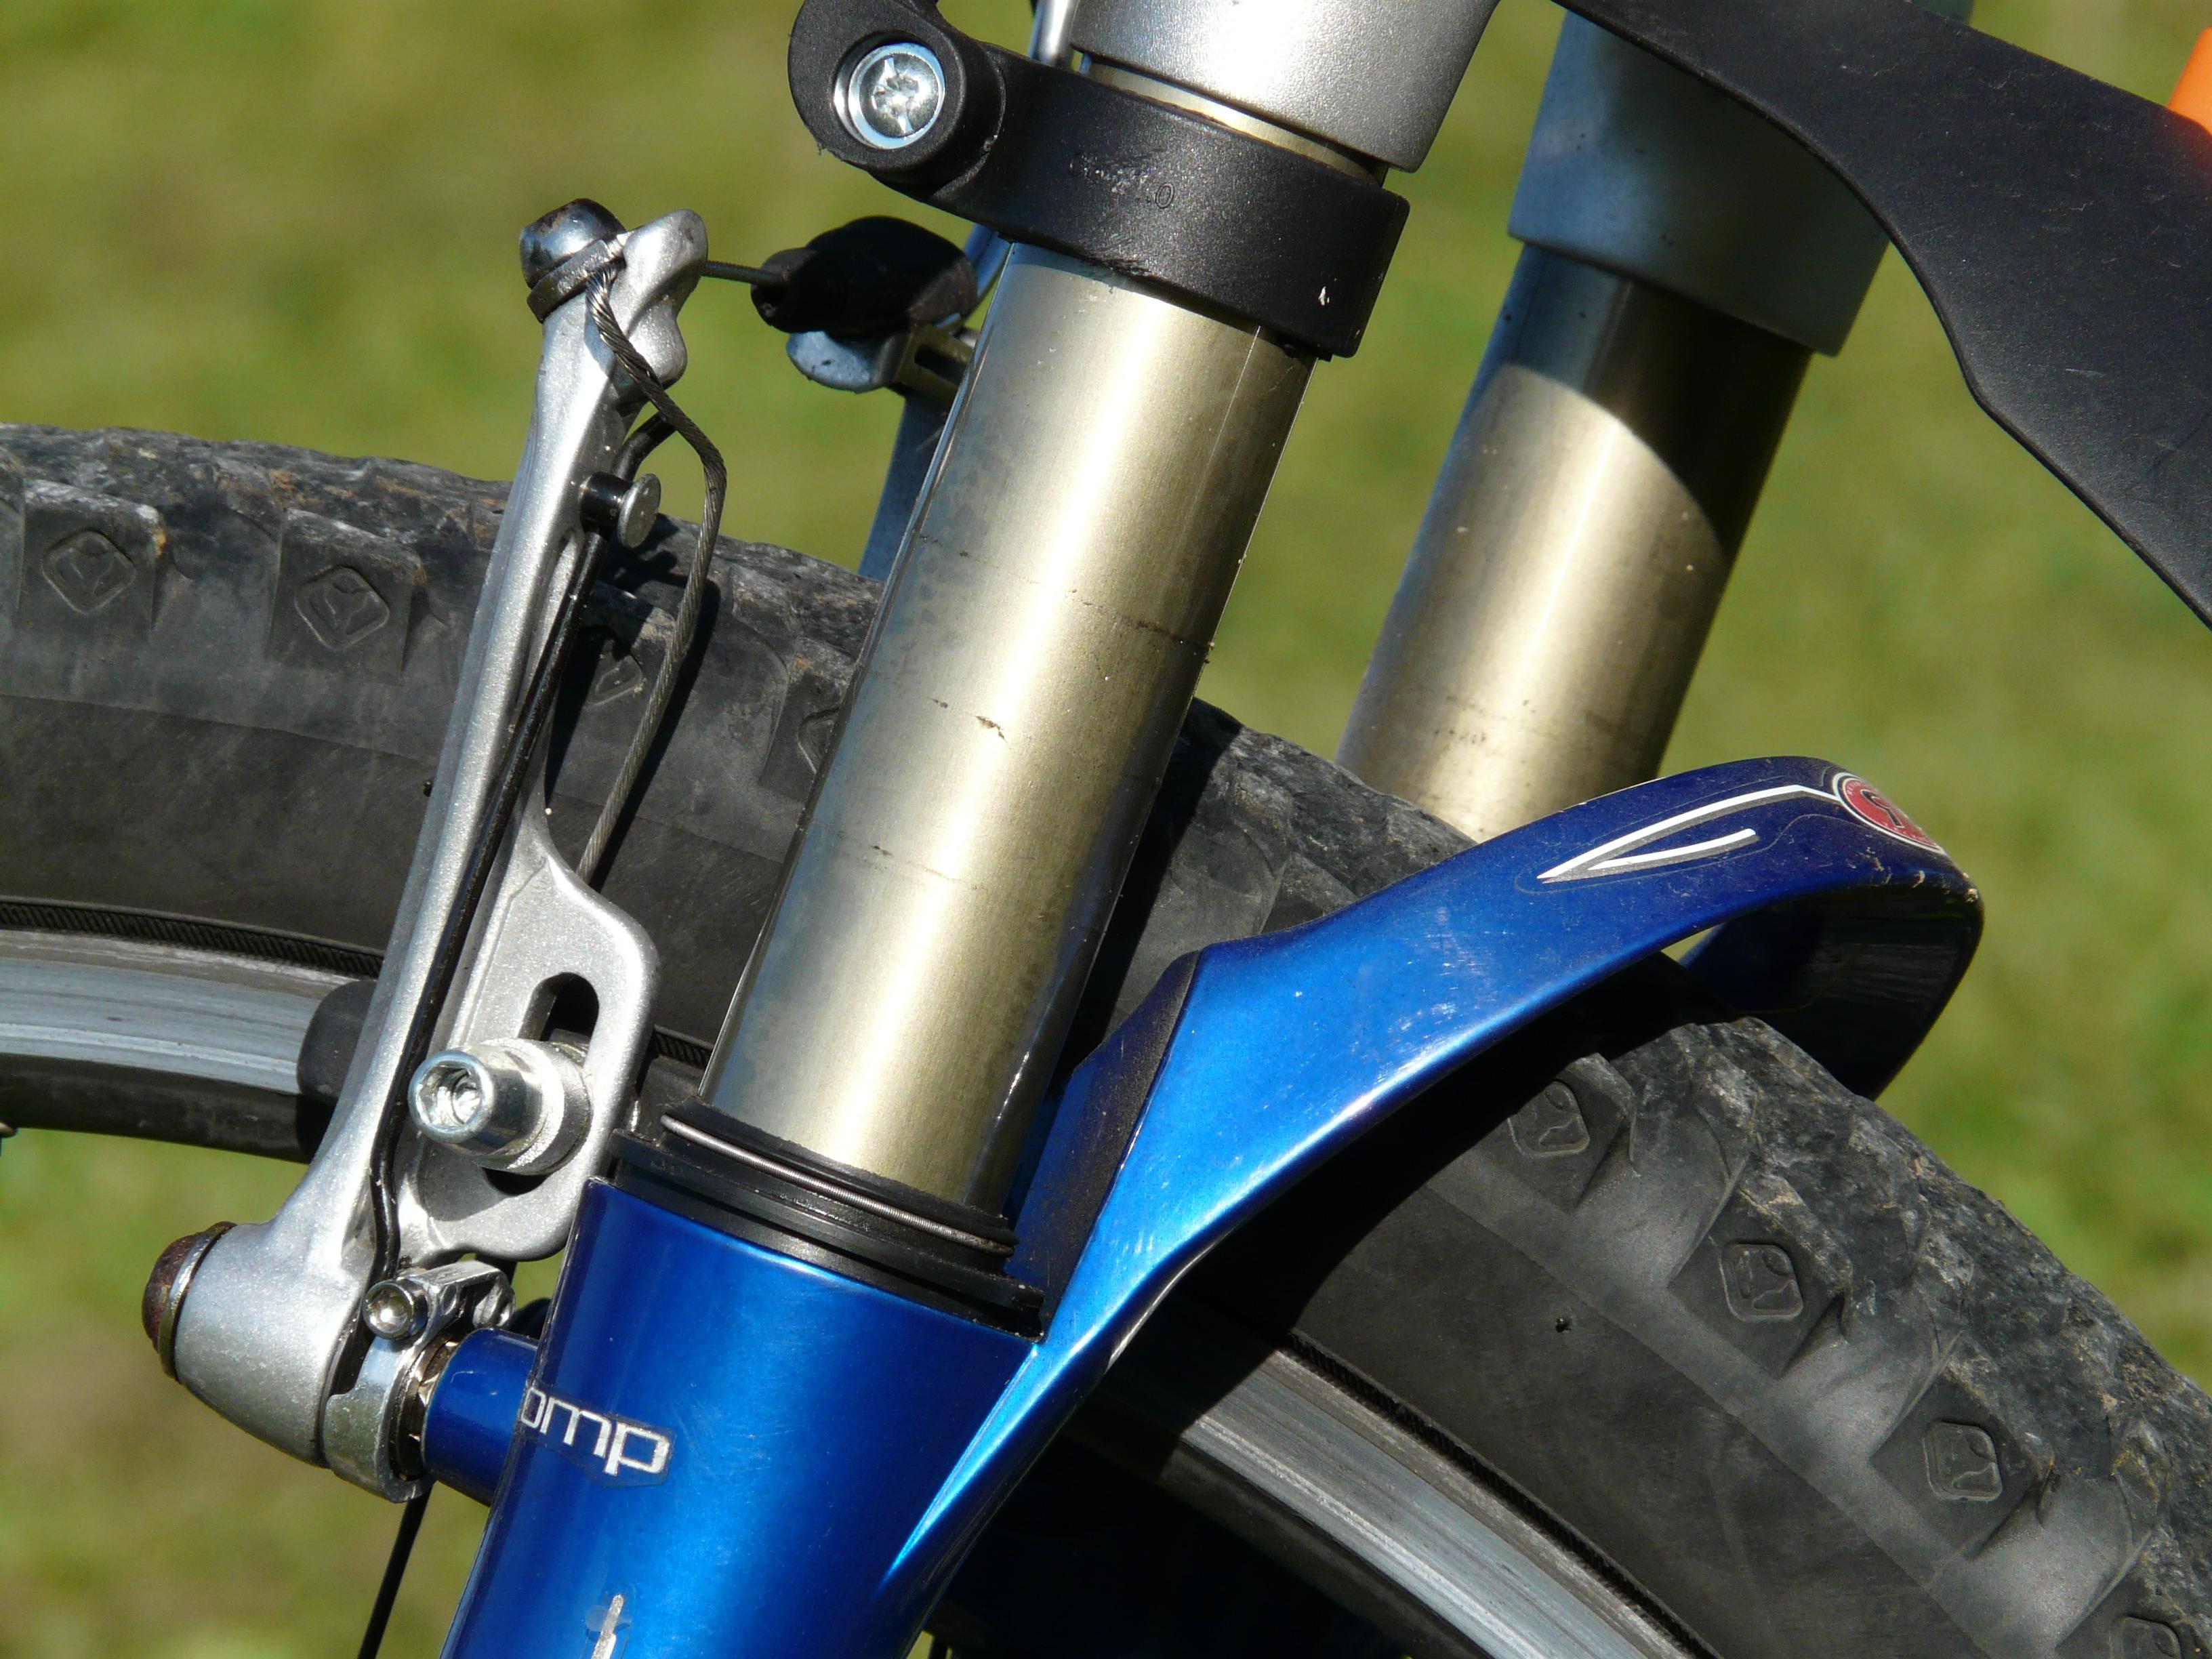 картинки подвеска на велосипед показывает